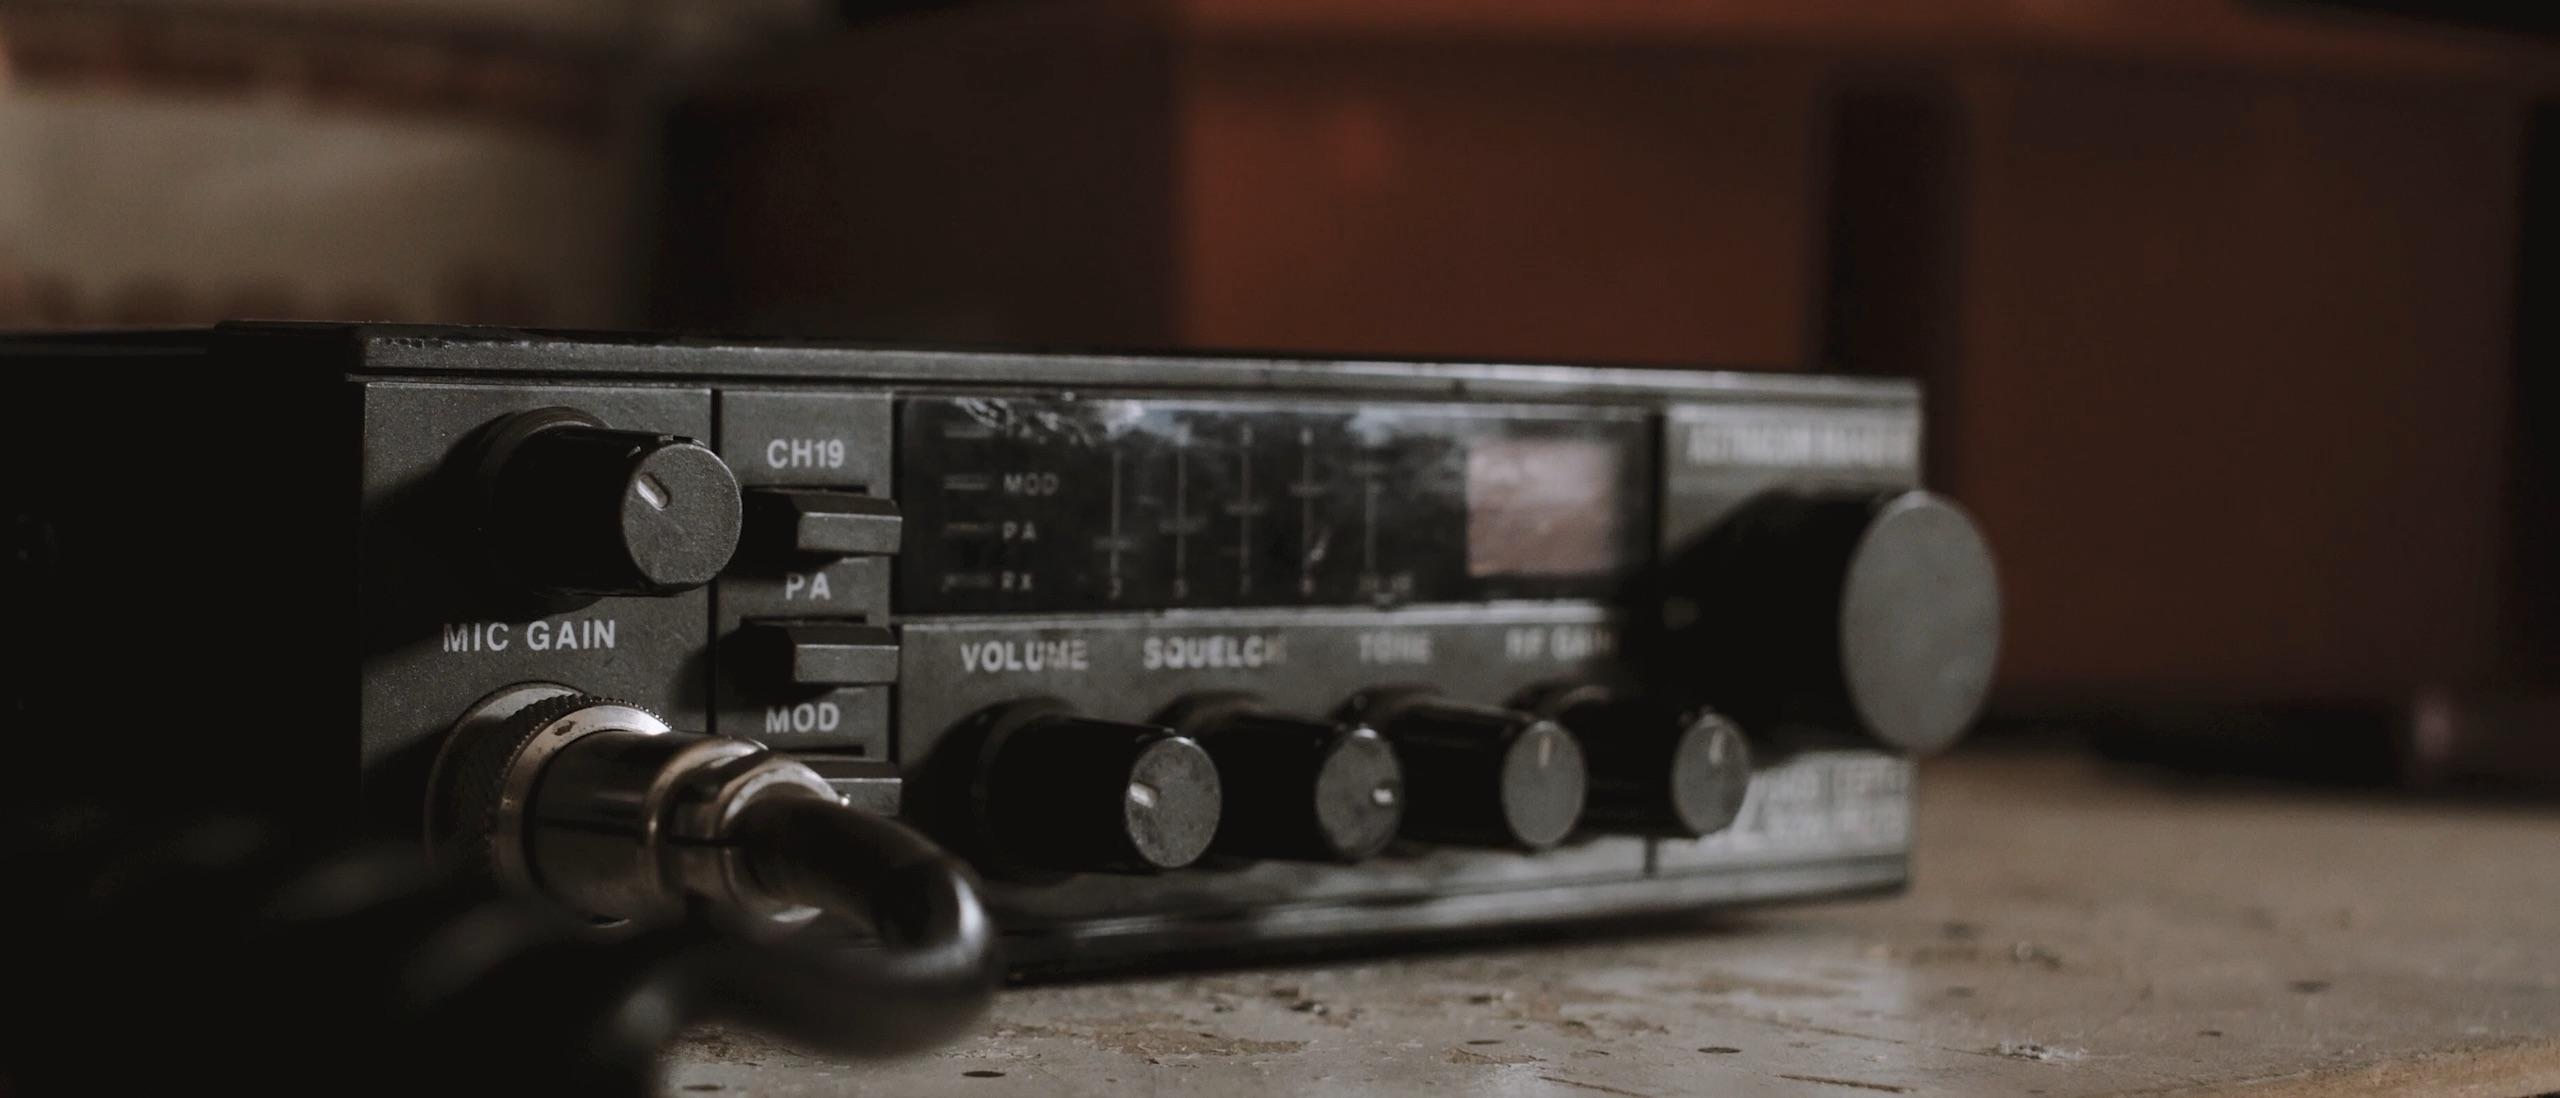 the-radio-scene1